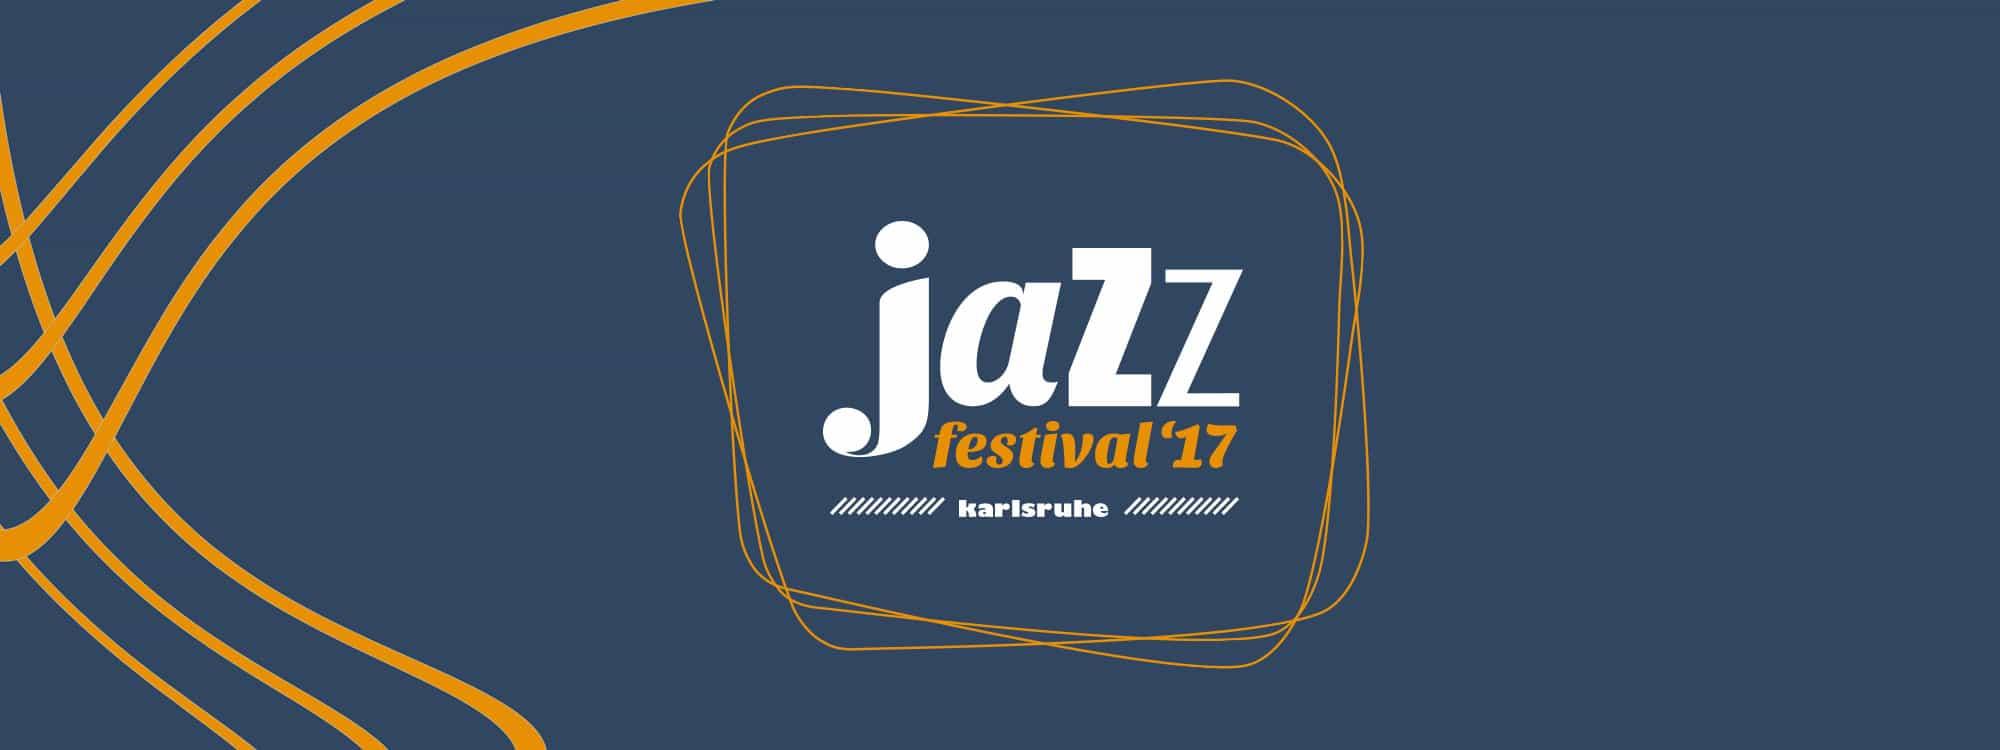 Web4-Veranstaltungsbild_Jazzfestival17_V02